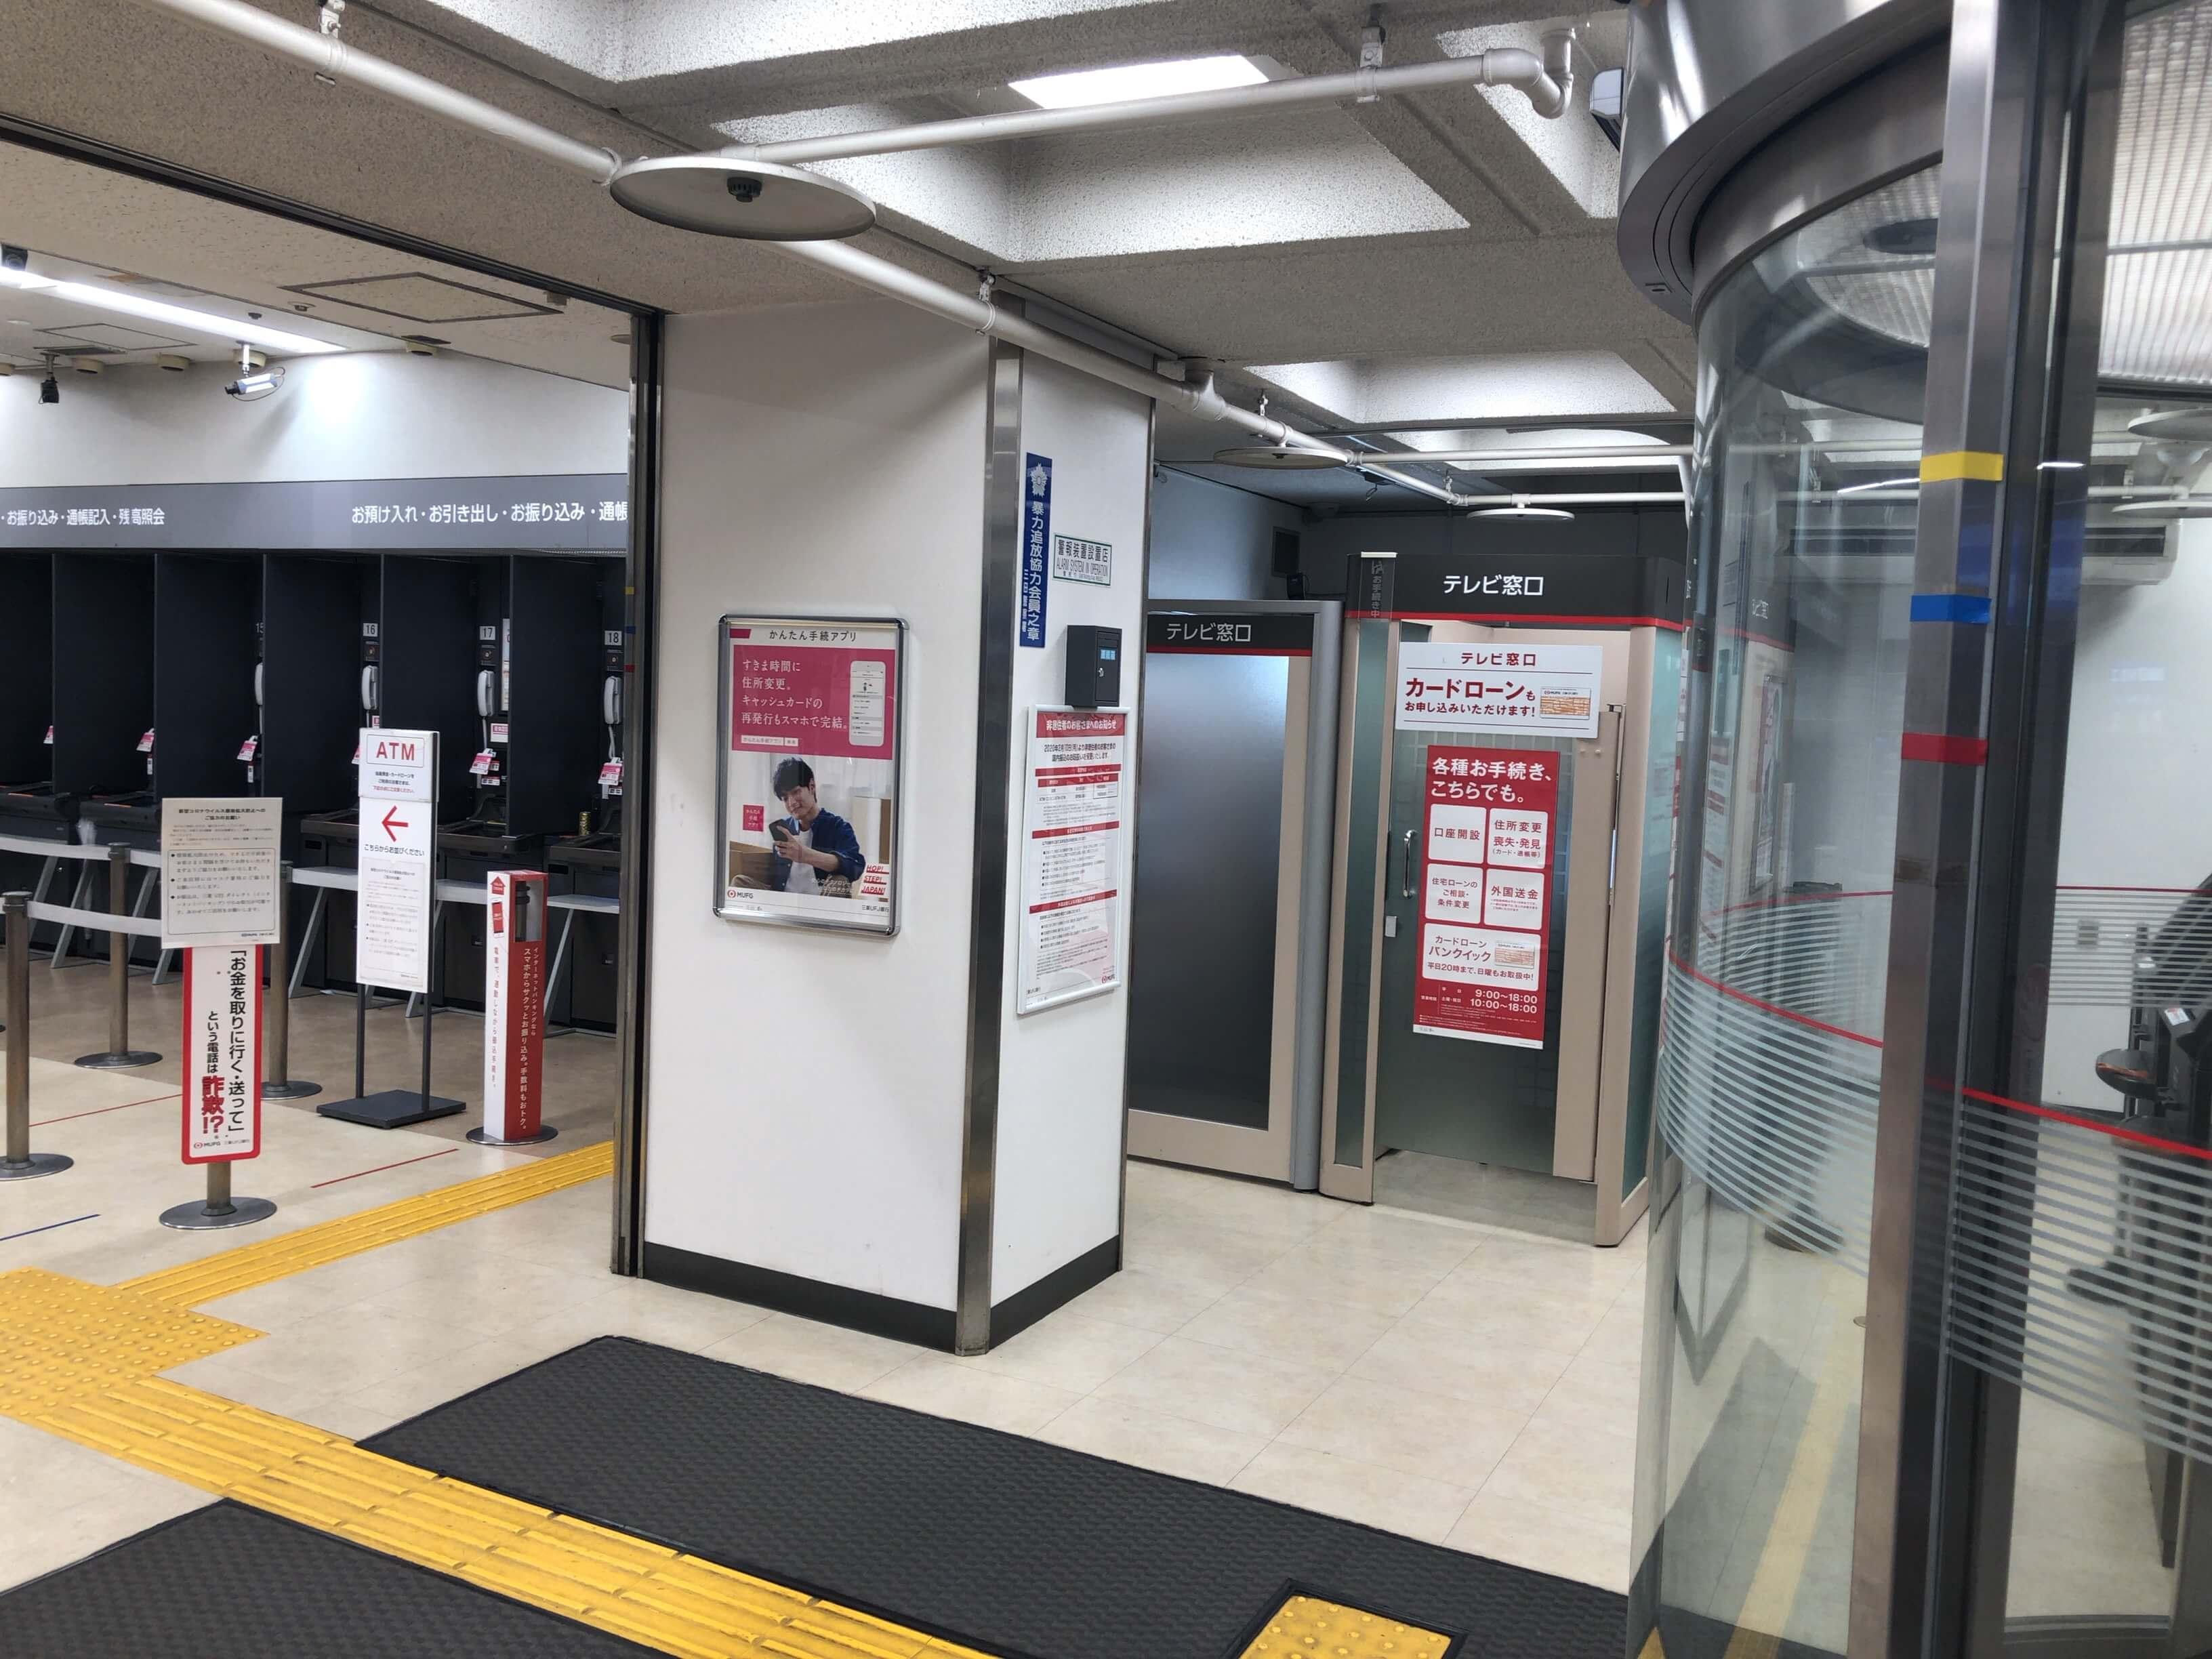 三菱UFJ銀行カードローンのテレビ窓口